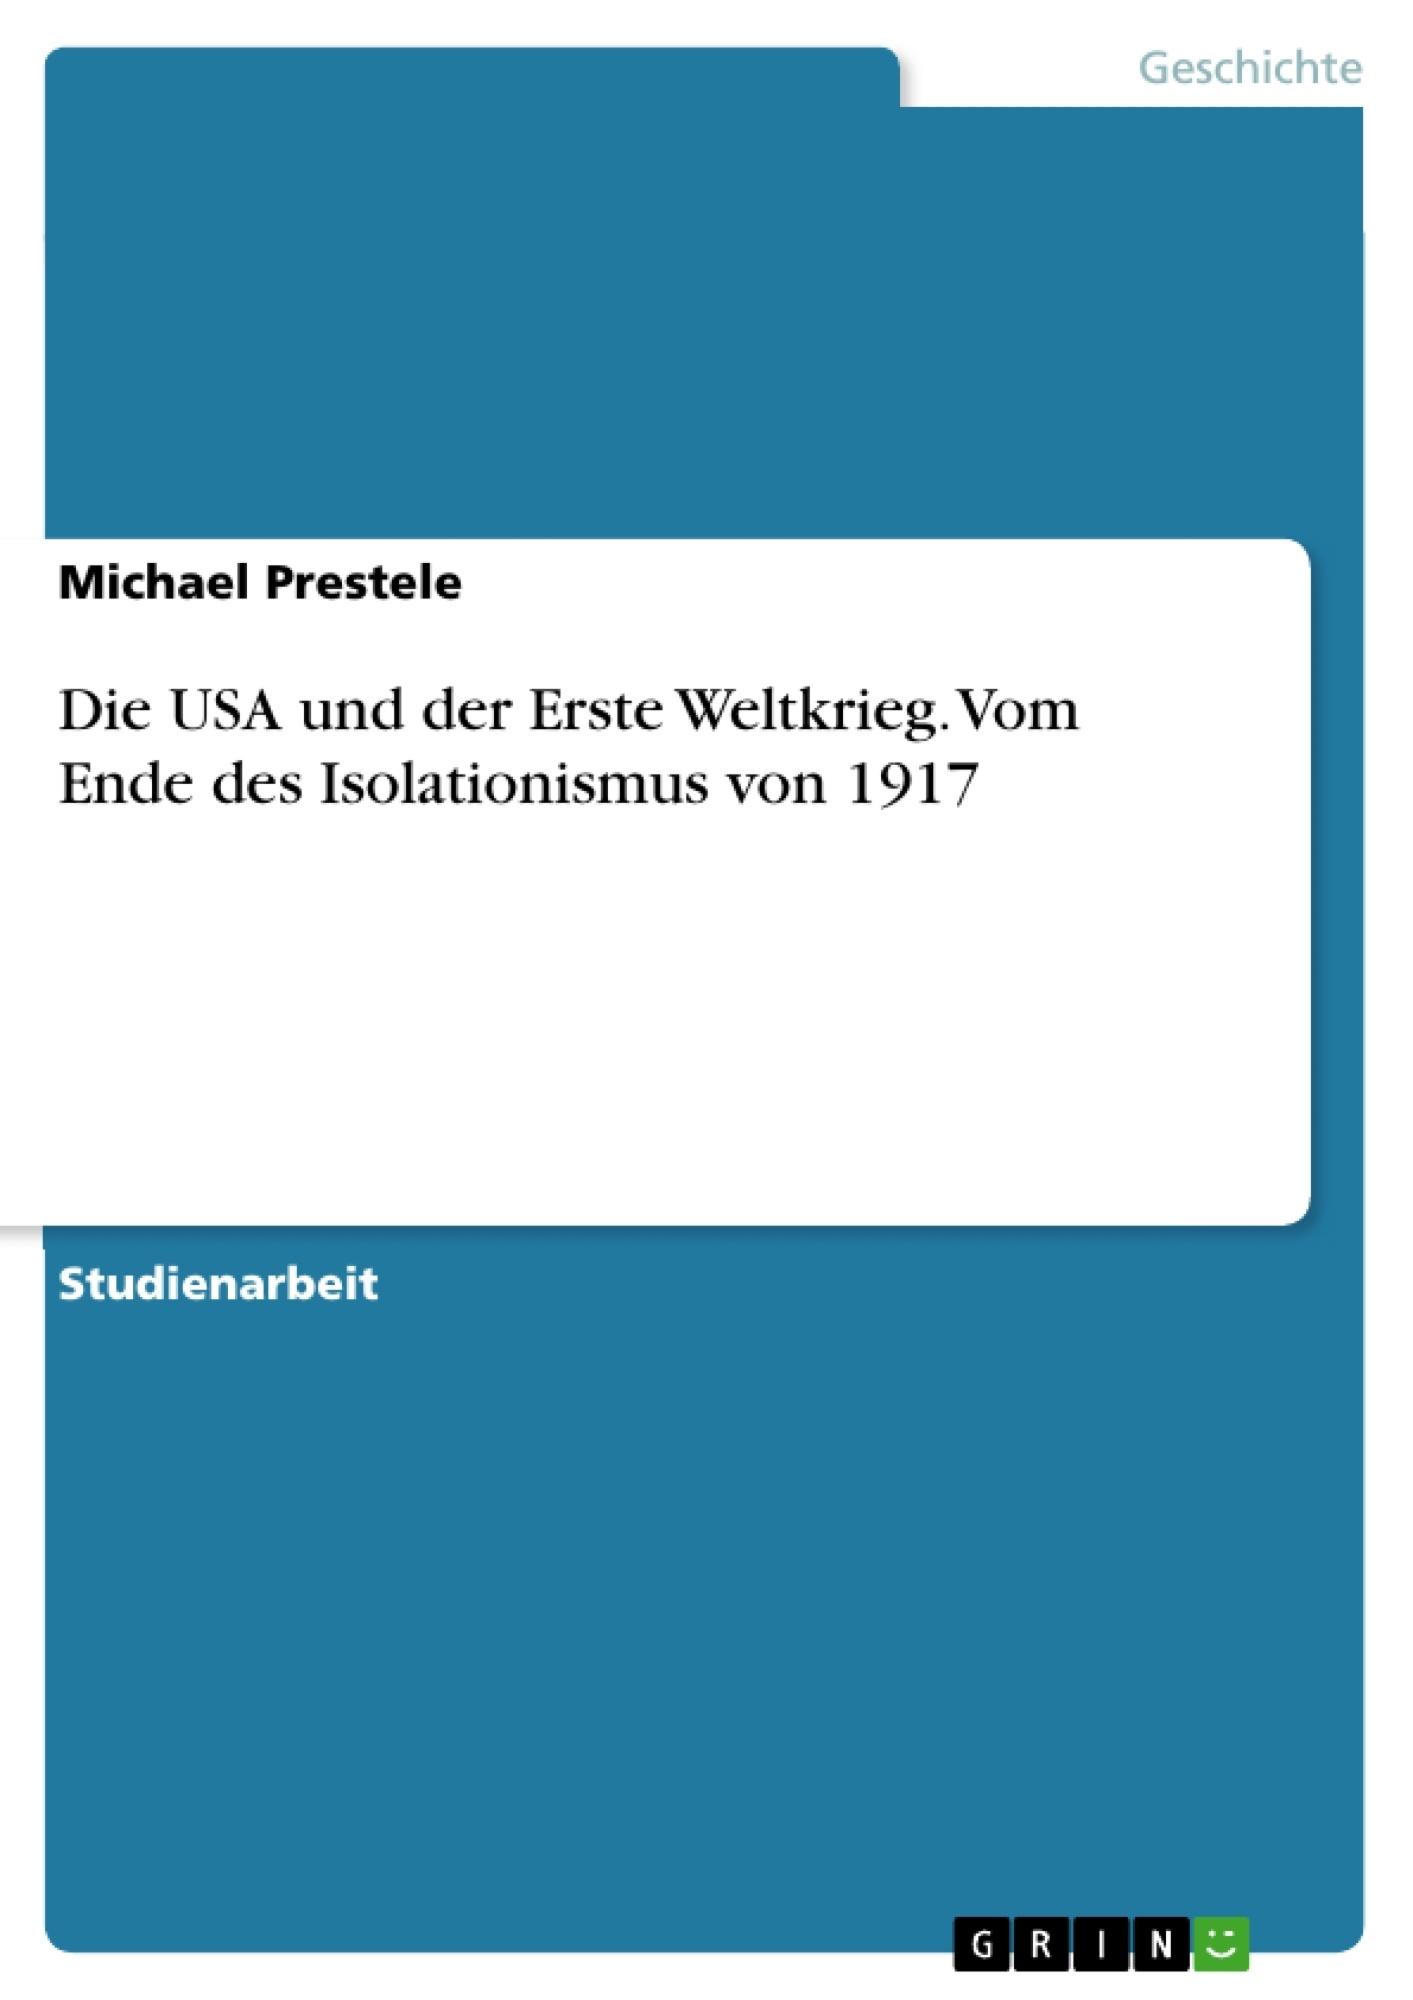 Titel: Die USA und der Erste Weltkrieg. Vom Ende des Isolationismus von 1917